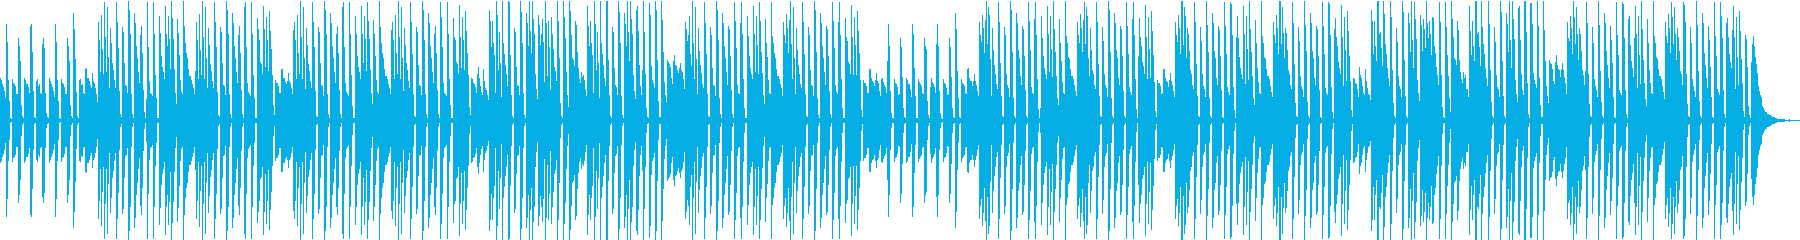 日常、会話、ほのぼの、ピアノの再生済みの波形